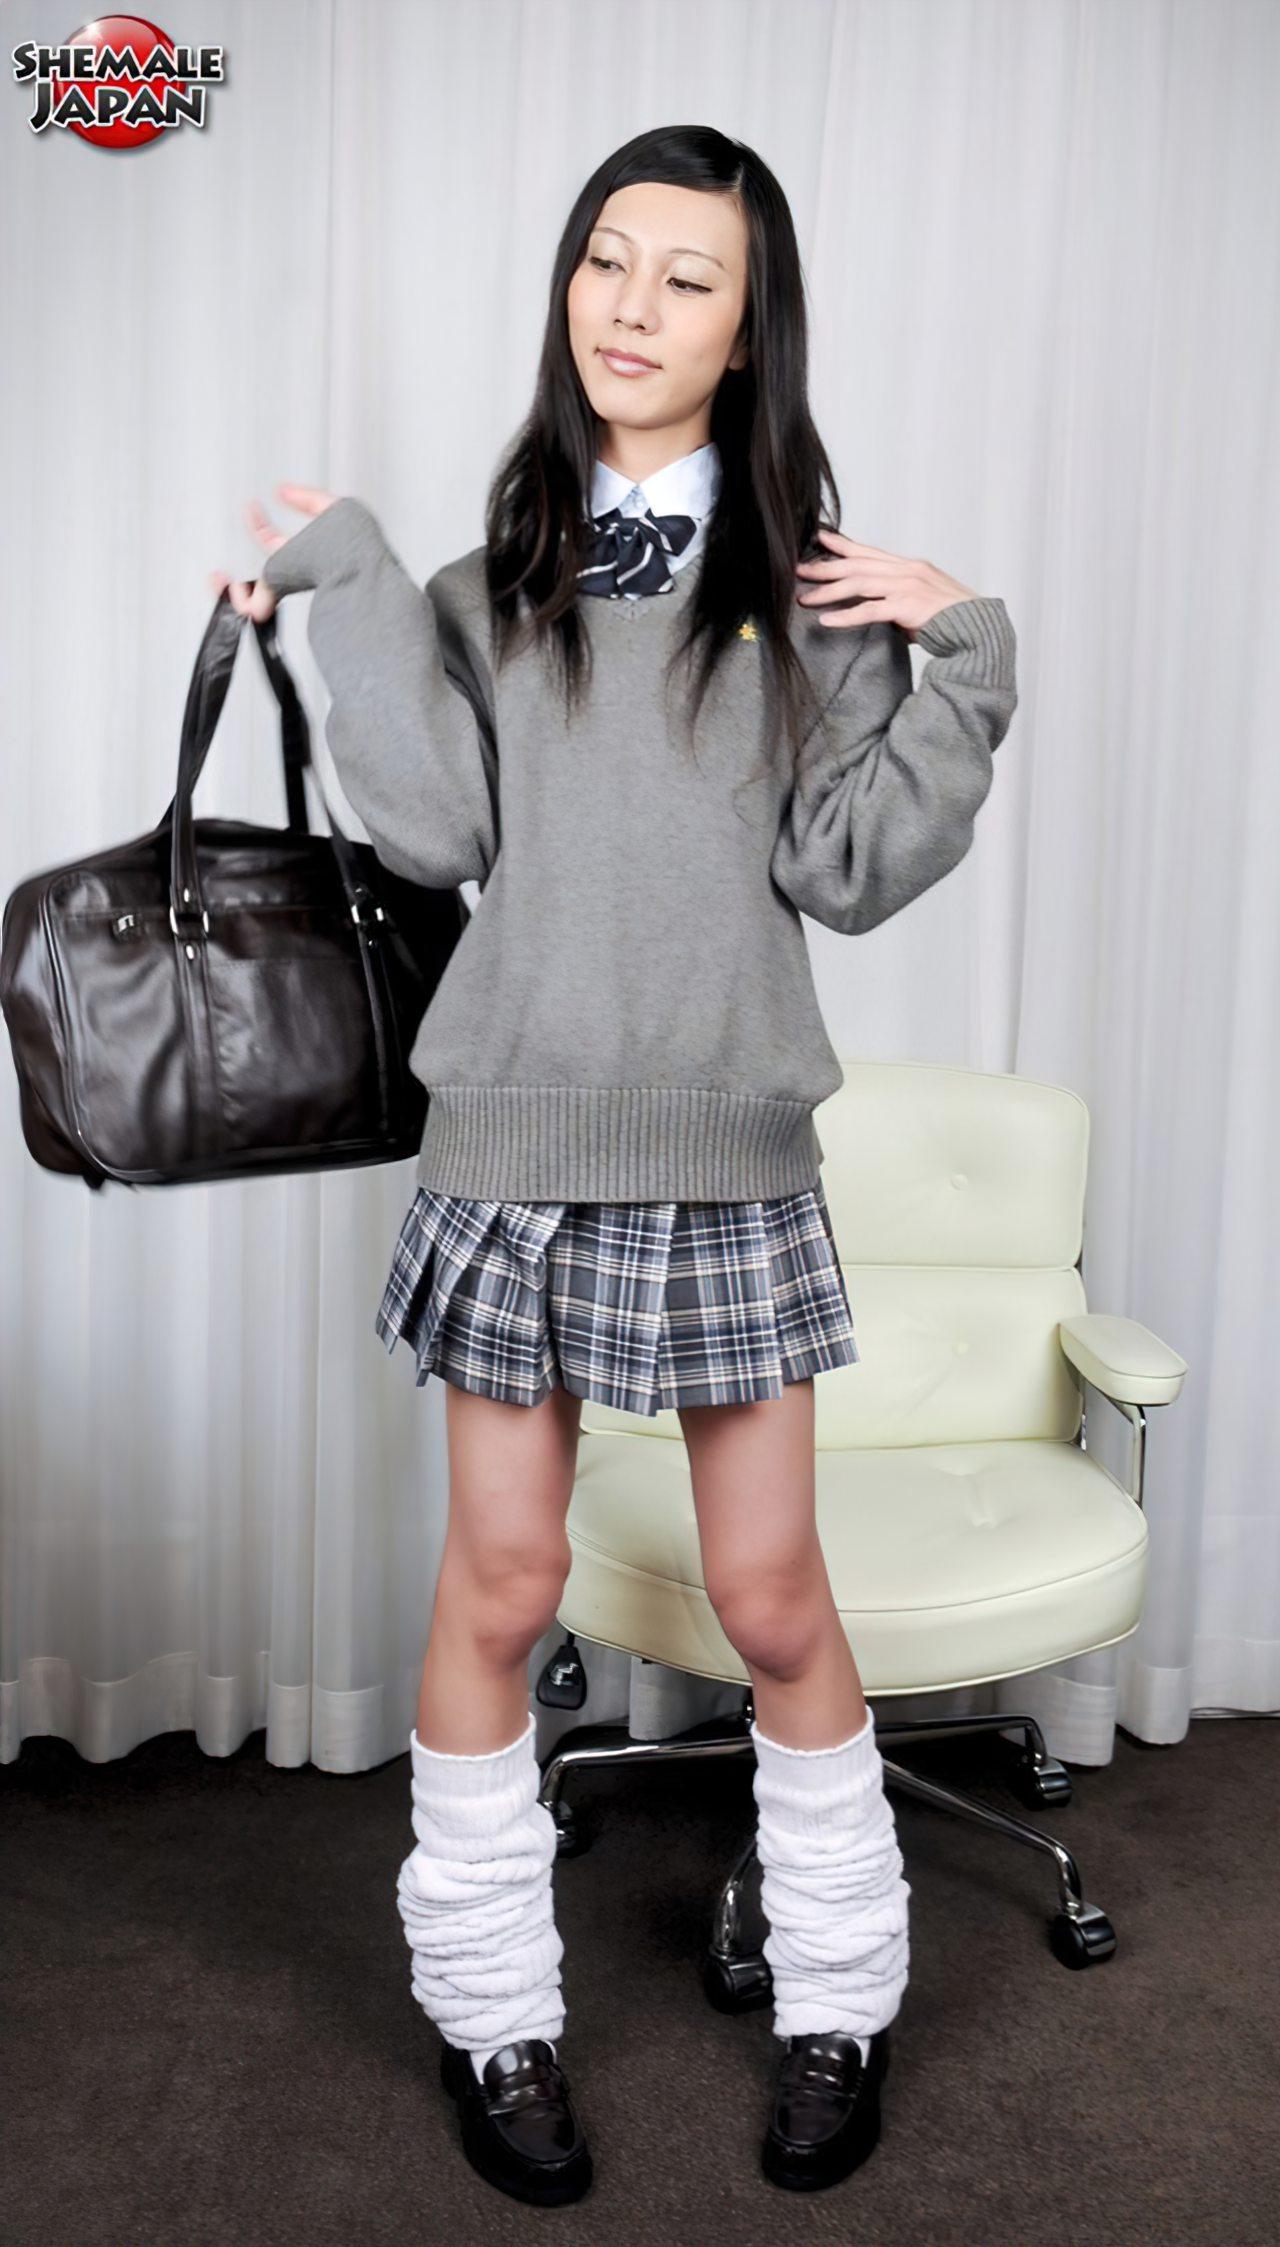 Travesti Estudante Japonesa (1)